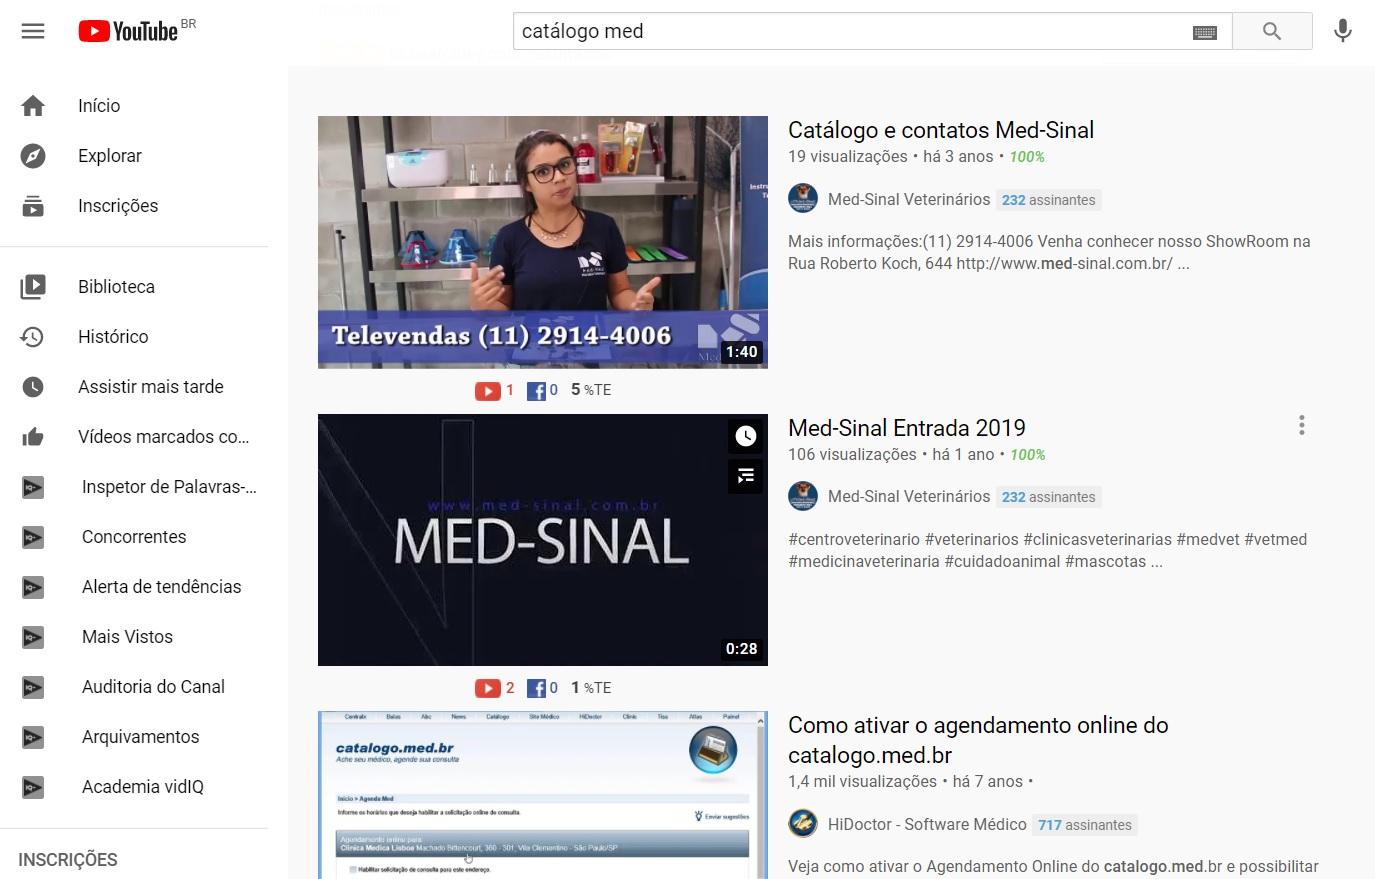 Catálogo Med - No YouTube